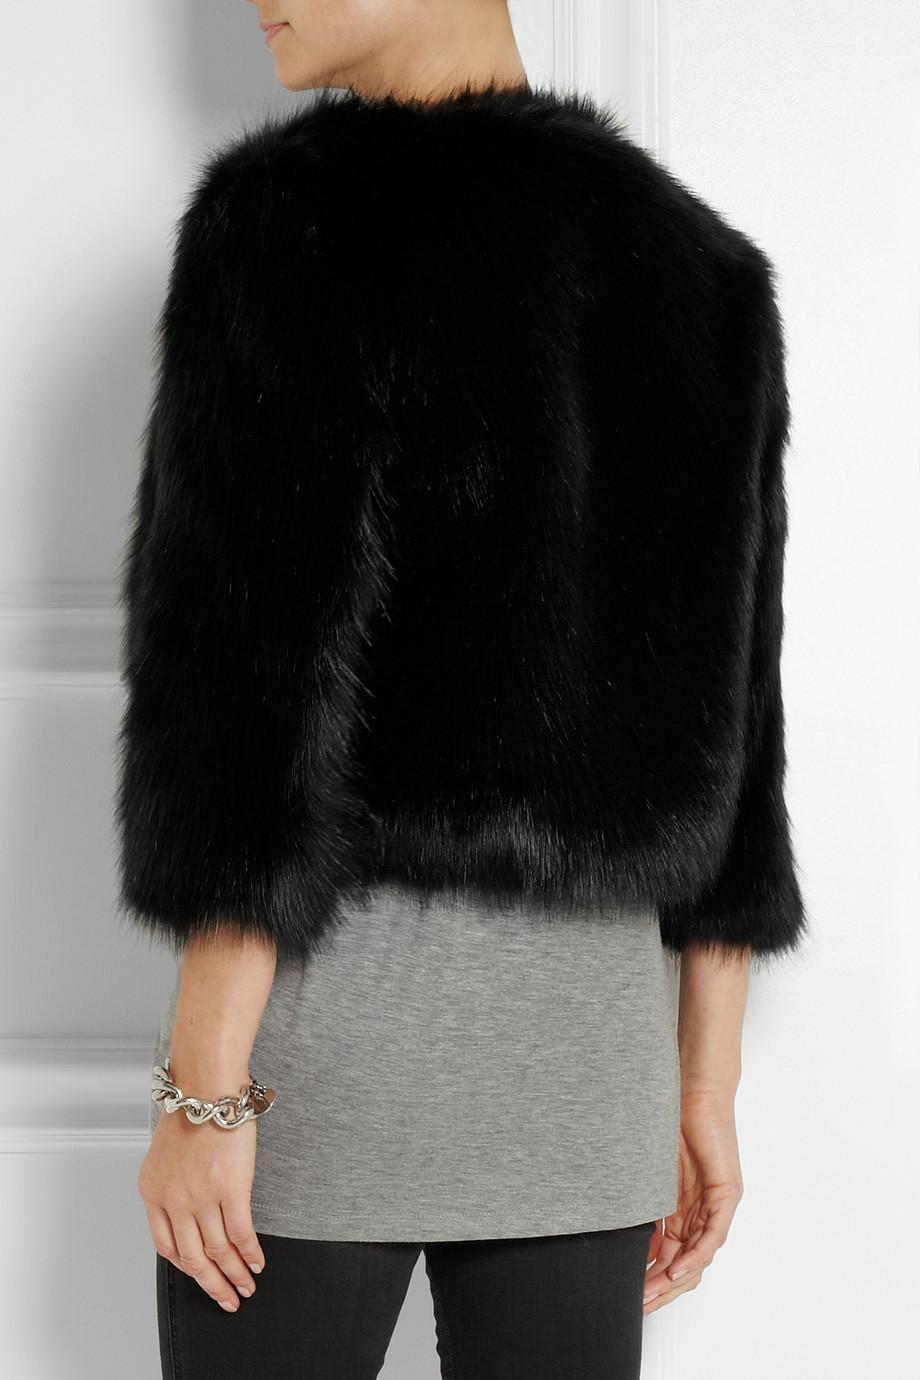 5dd55cbe1 DKNY Cropped Faux Fur Jacket in Black - Lyst